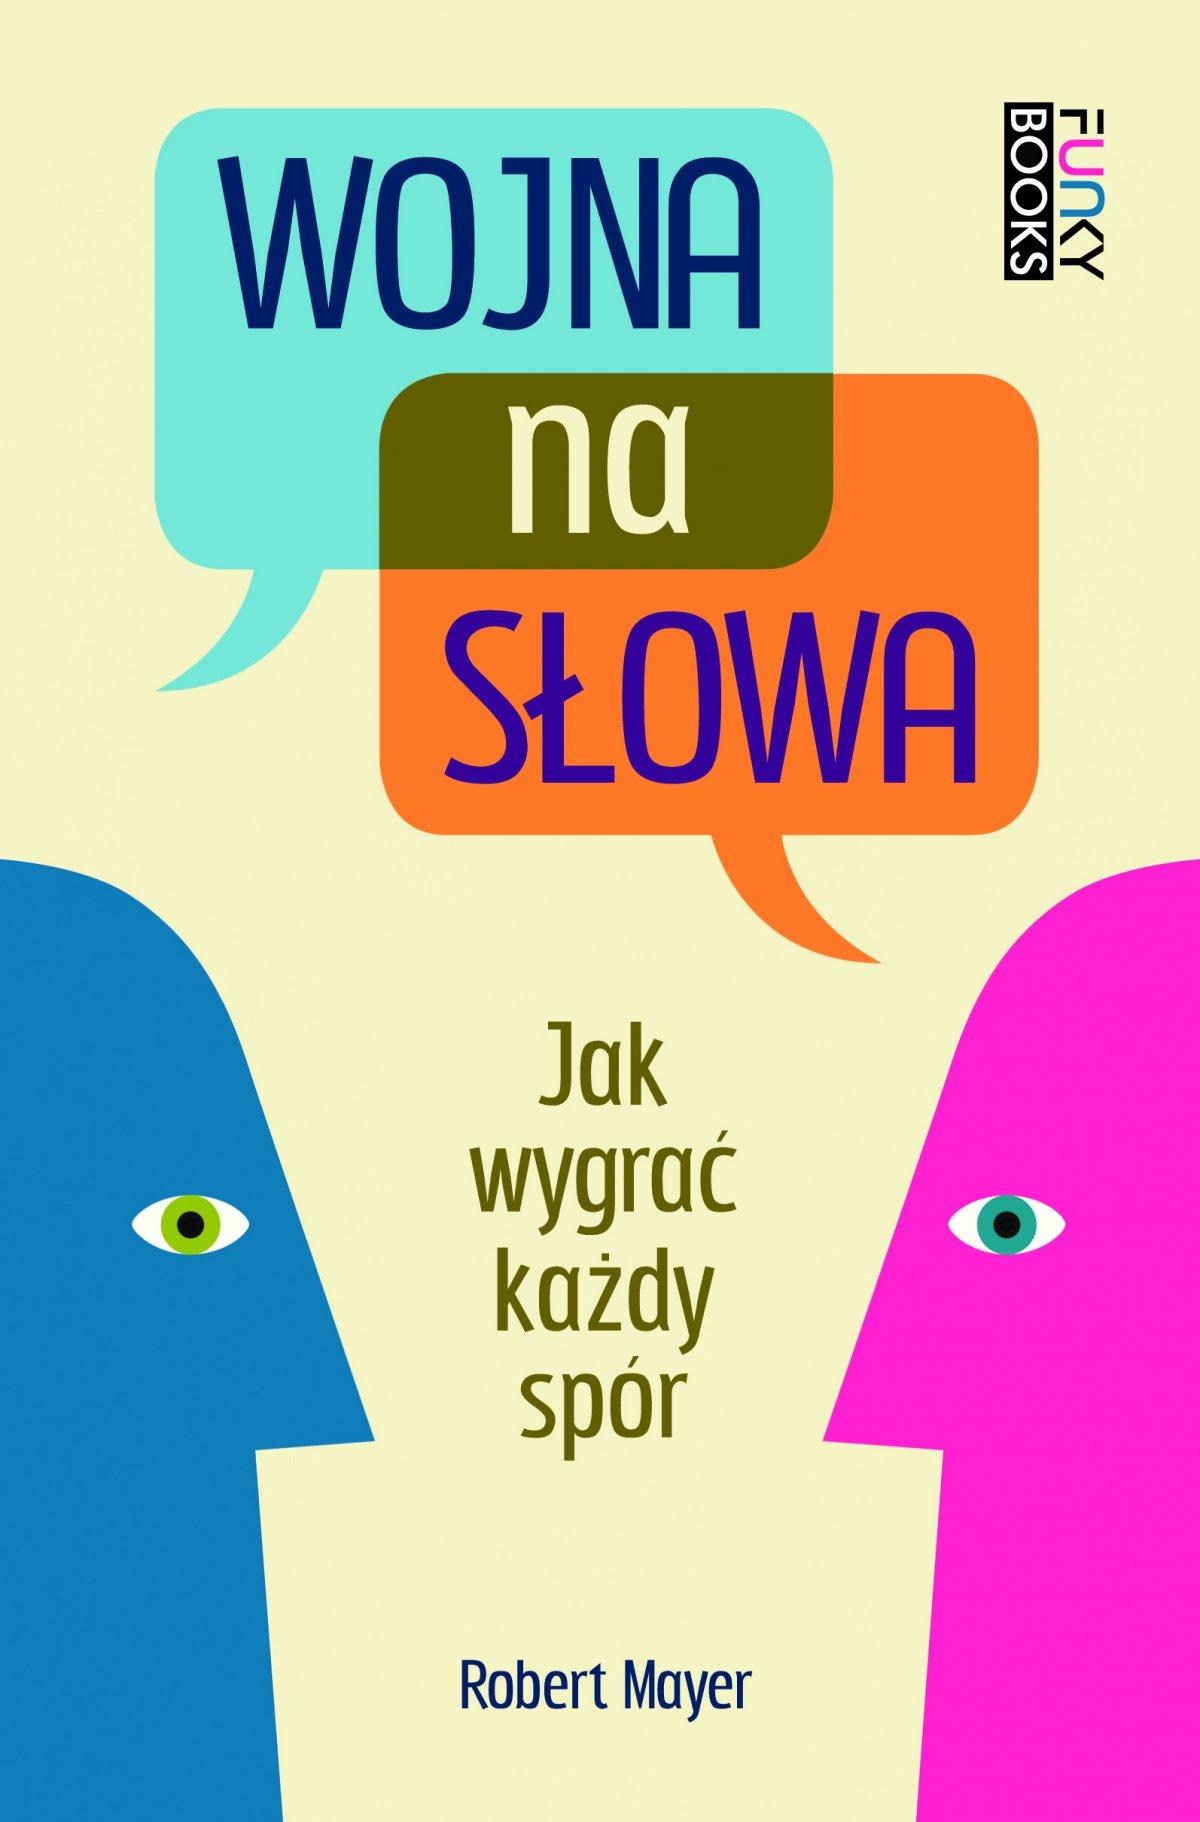 Wojna na słowa. Jak wygrać każdy spór - Ebook (Książka na Kindle) do pobrania w formacie MOBI